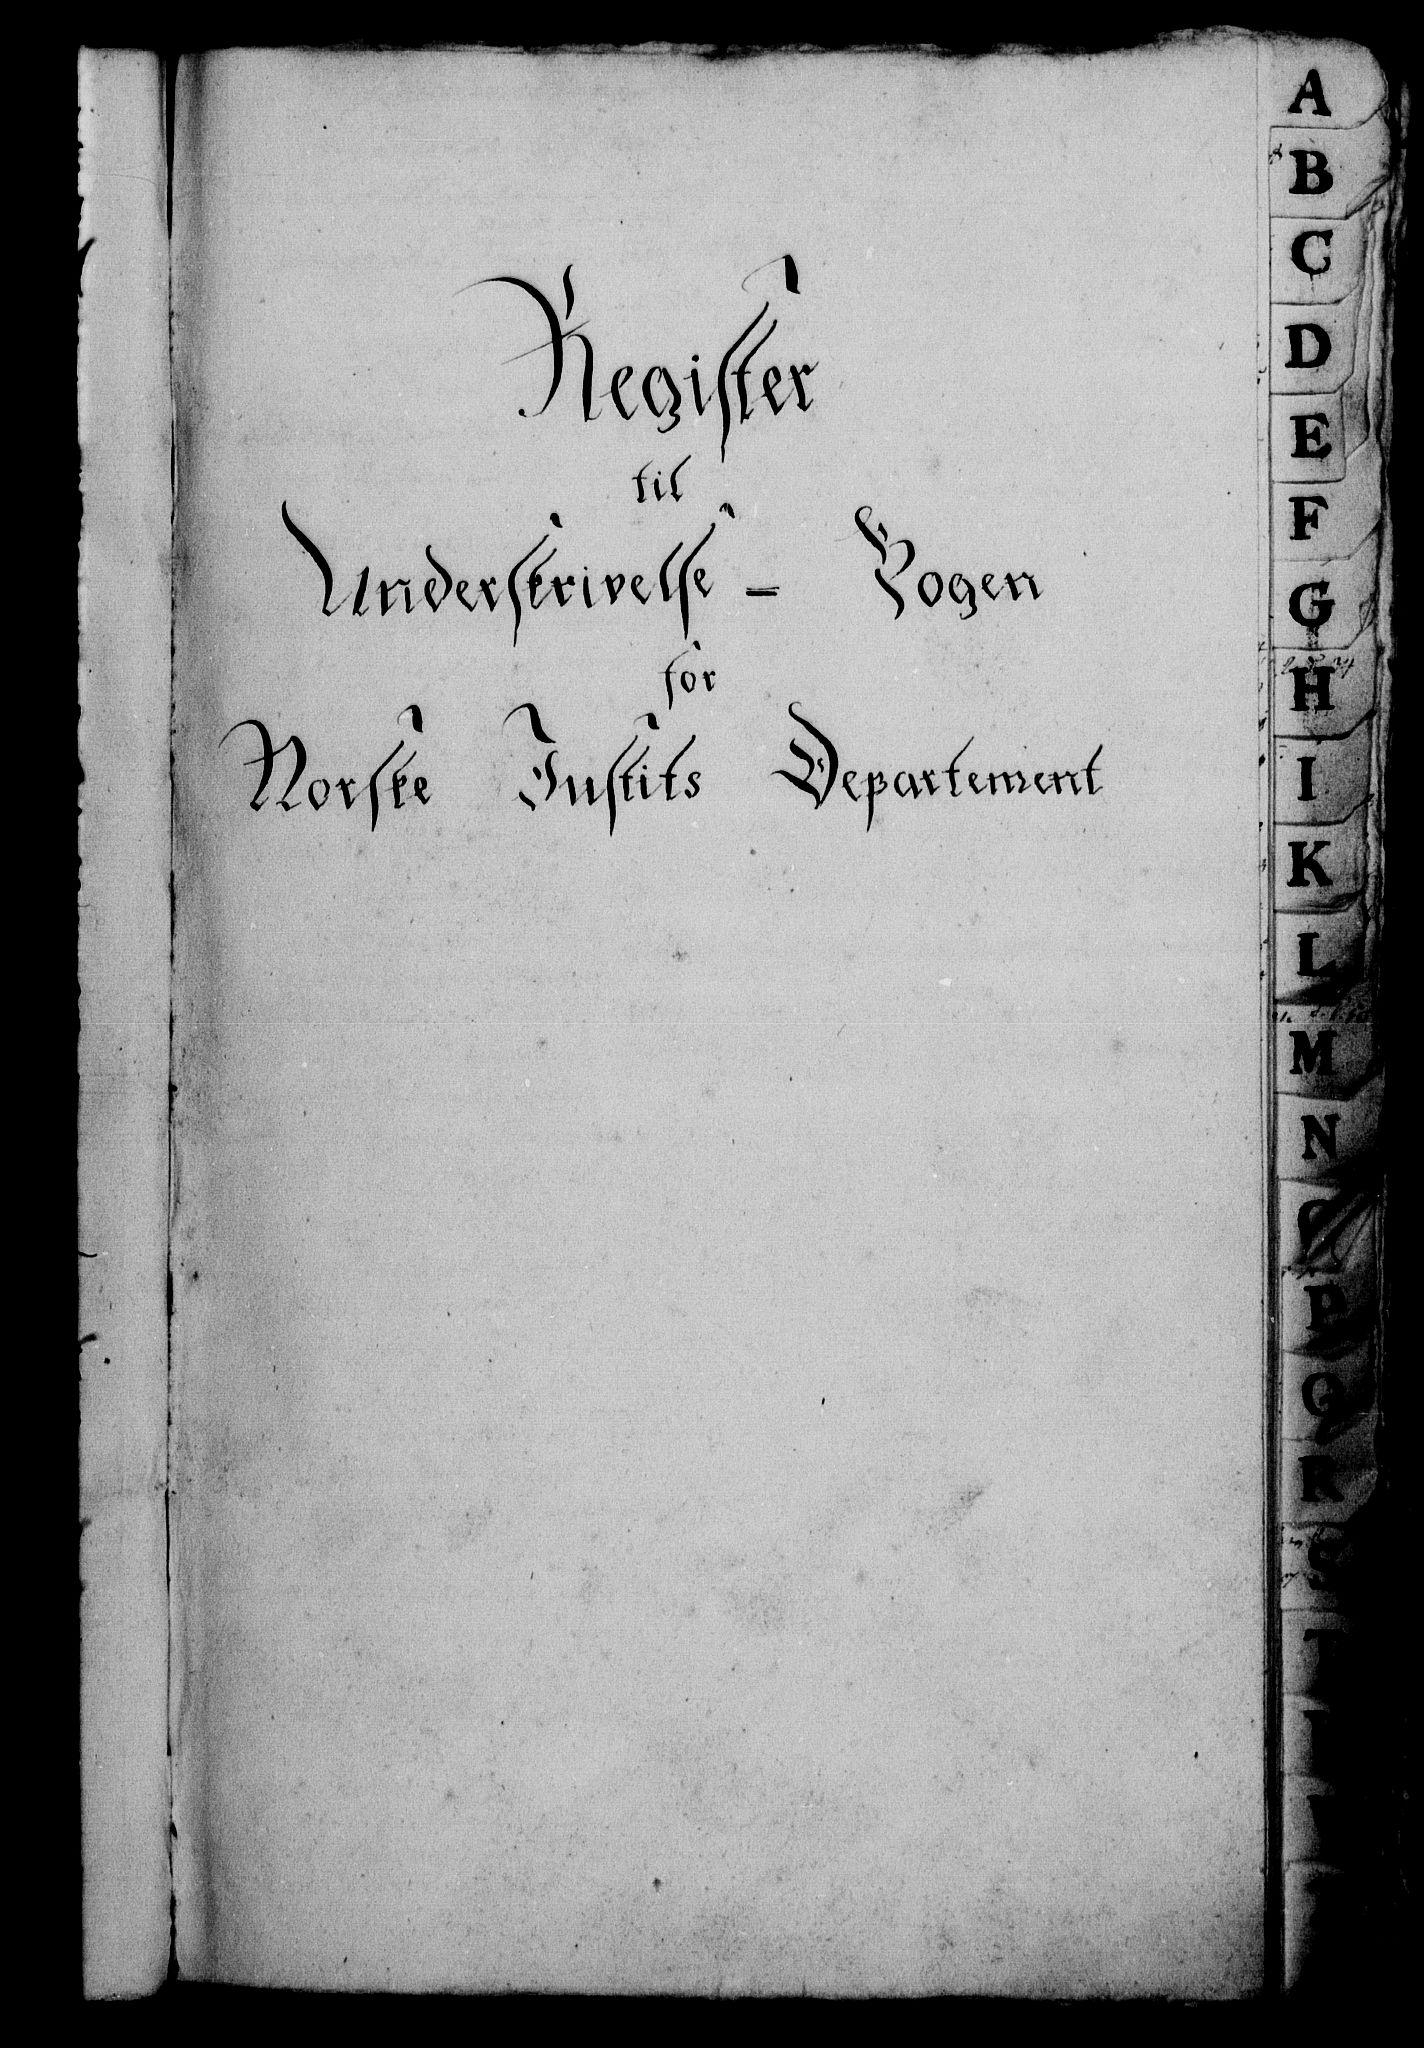 RA, Danske Kanselli 1800-1814, H/Hf/Hfb/Hfbc/L0001: Underskrivelsesbok m. register, 1800